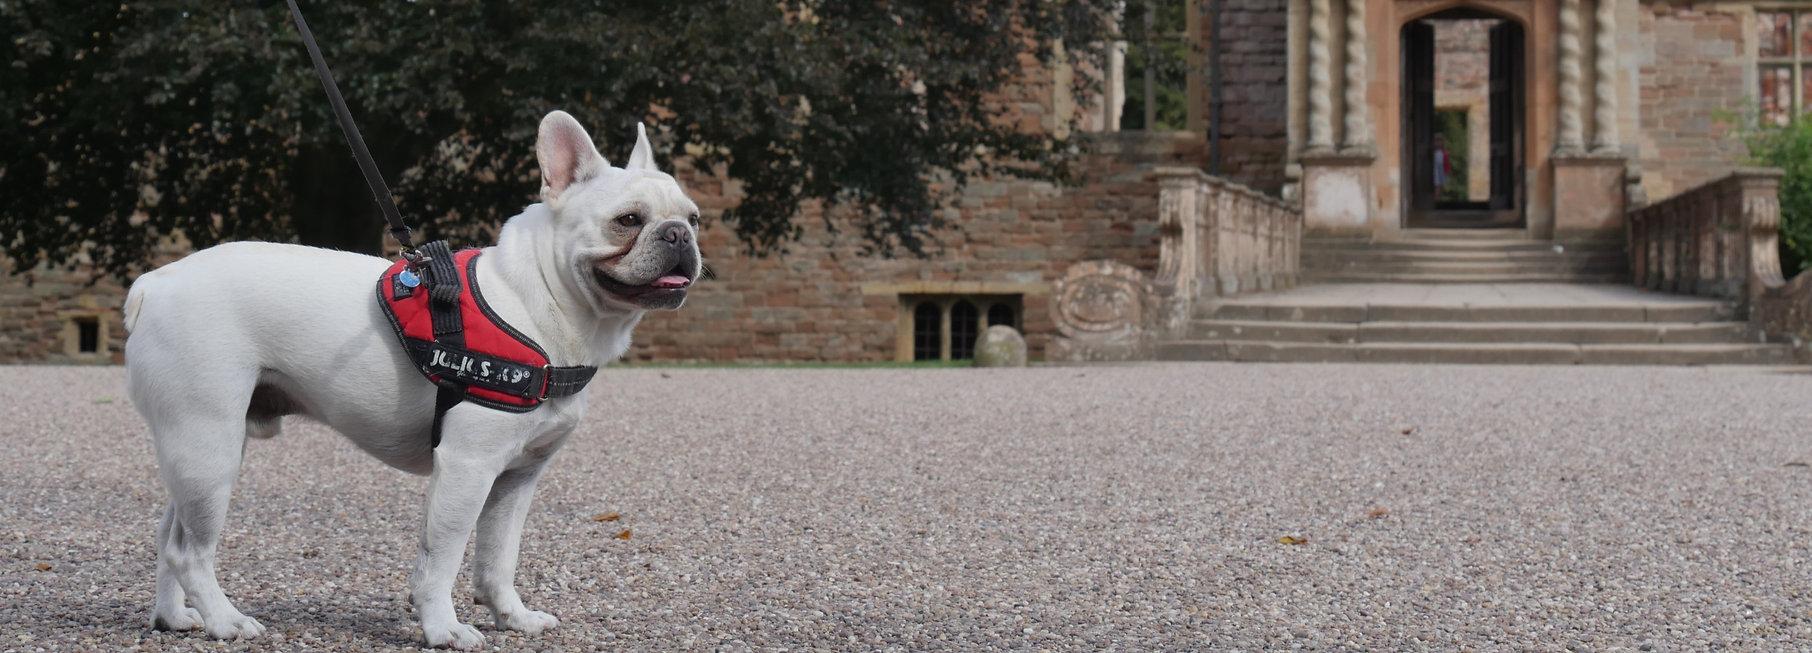 Dog%20Boarding%20in%20Rufford_edited.jpg